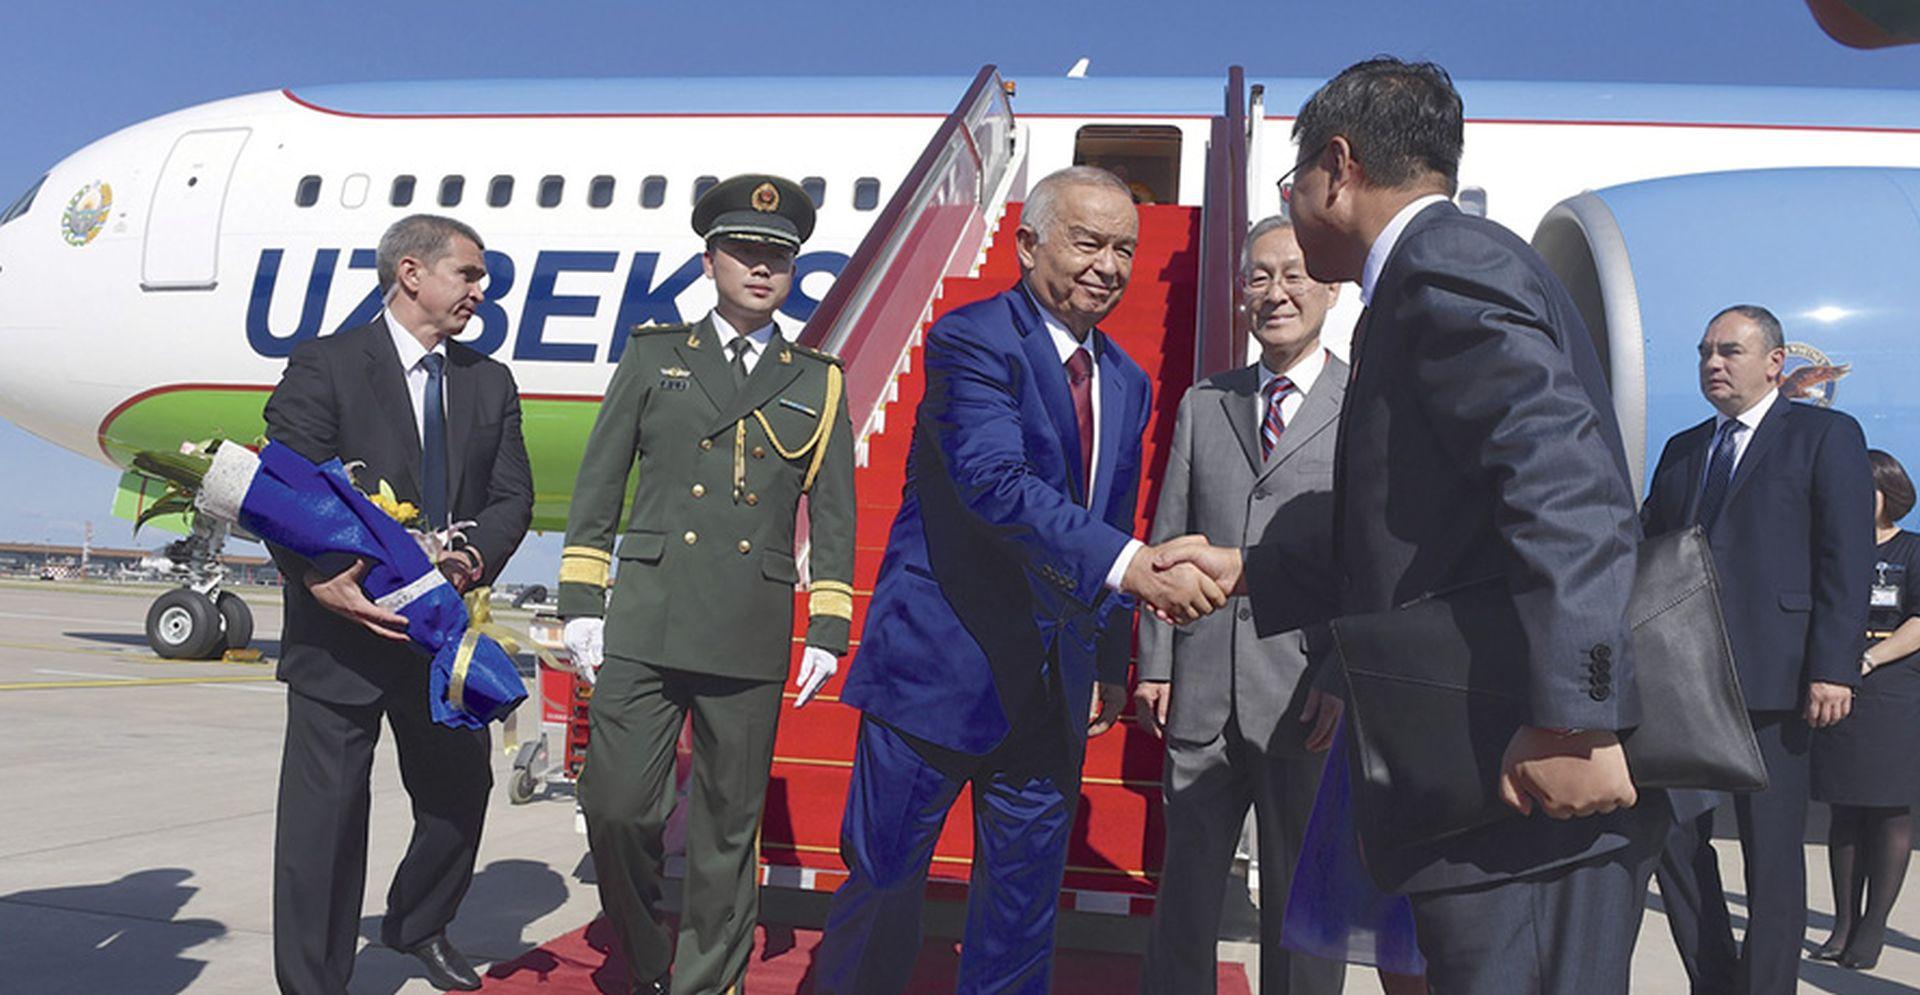 NACIONAL EKSKLUZIVNO Tajni plan za bogaćenje prve obitelji Uzbekistana